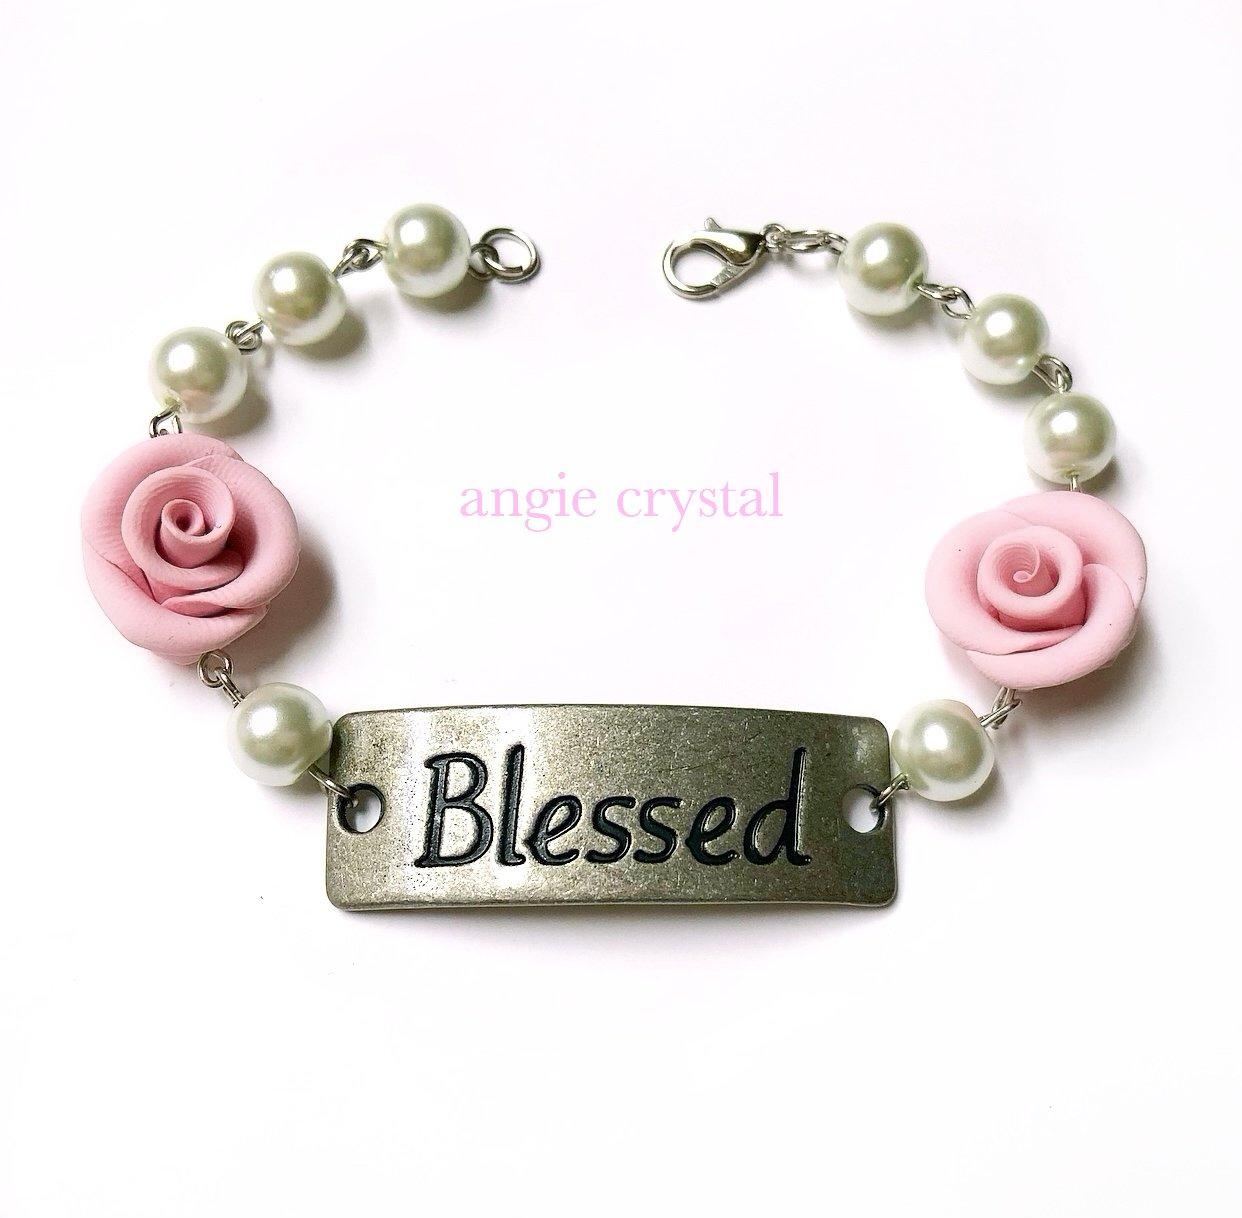 Image of Pink Blessed Bracelet